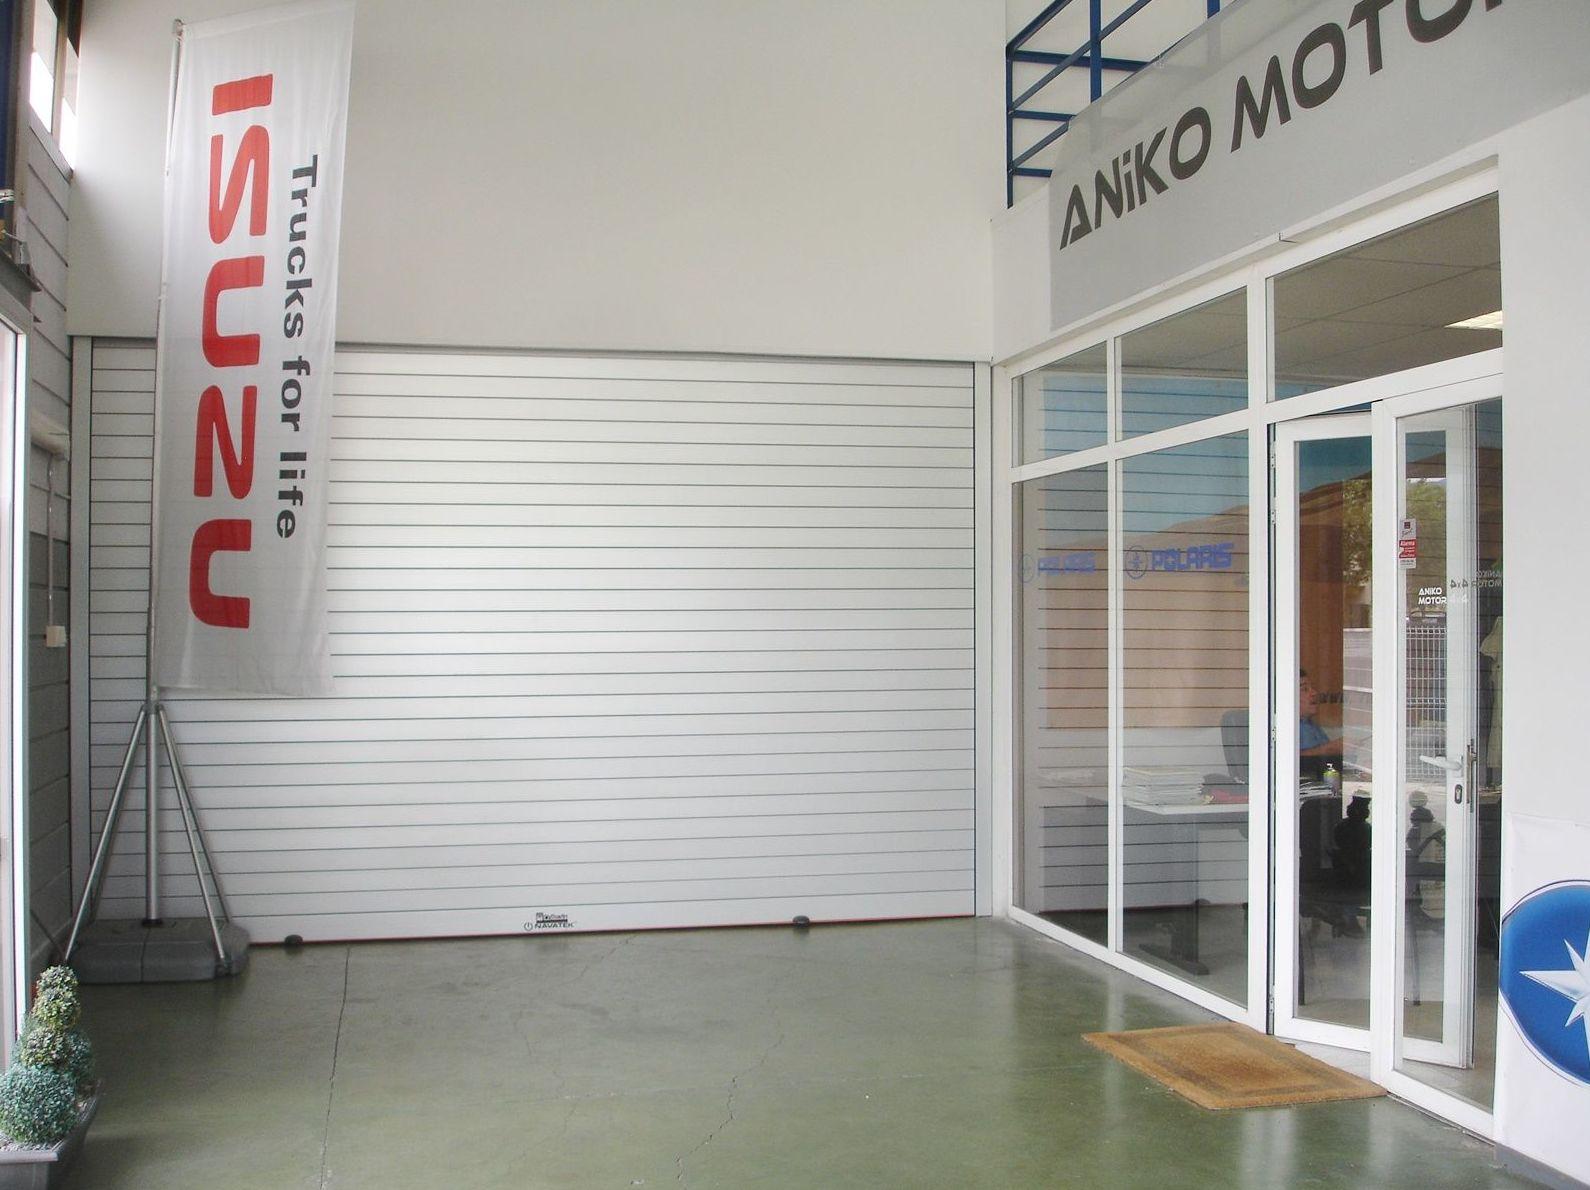 Foto 124 de Puertas automáticas en Olite | Navatek Puertas Automáticas SL